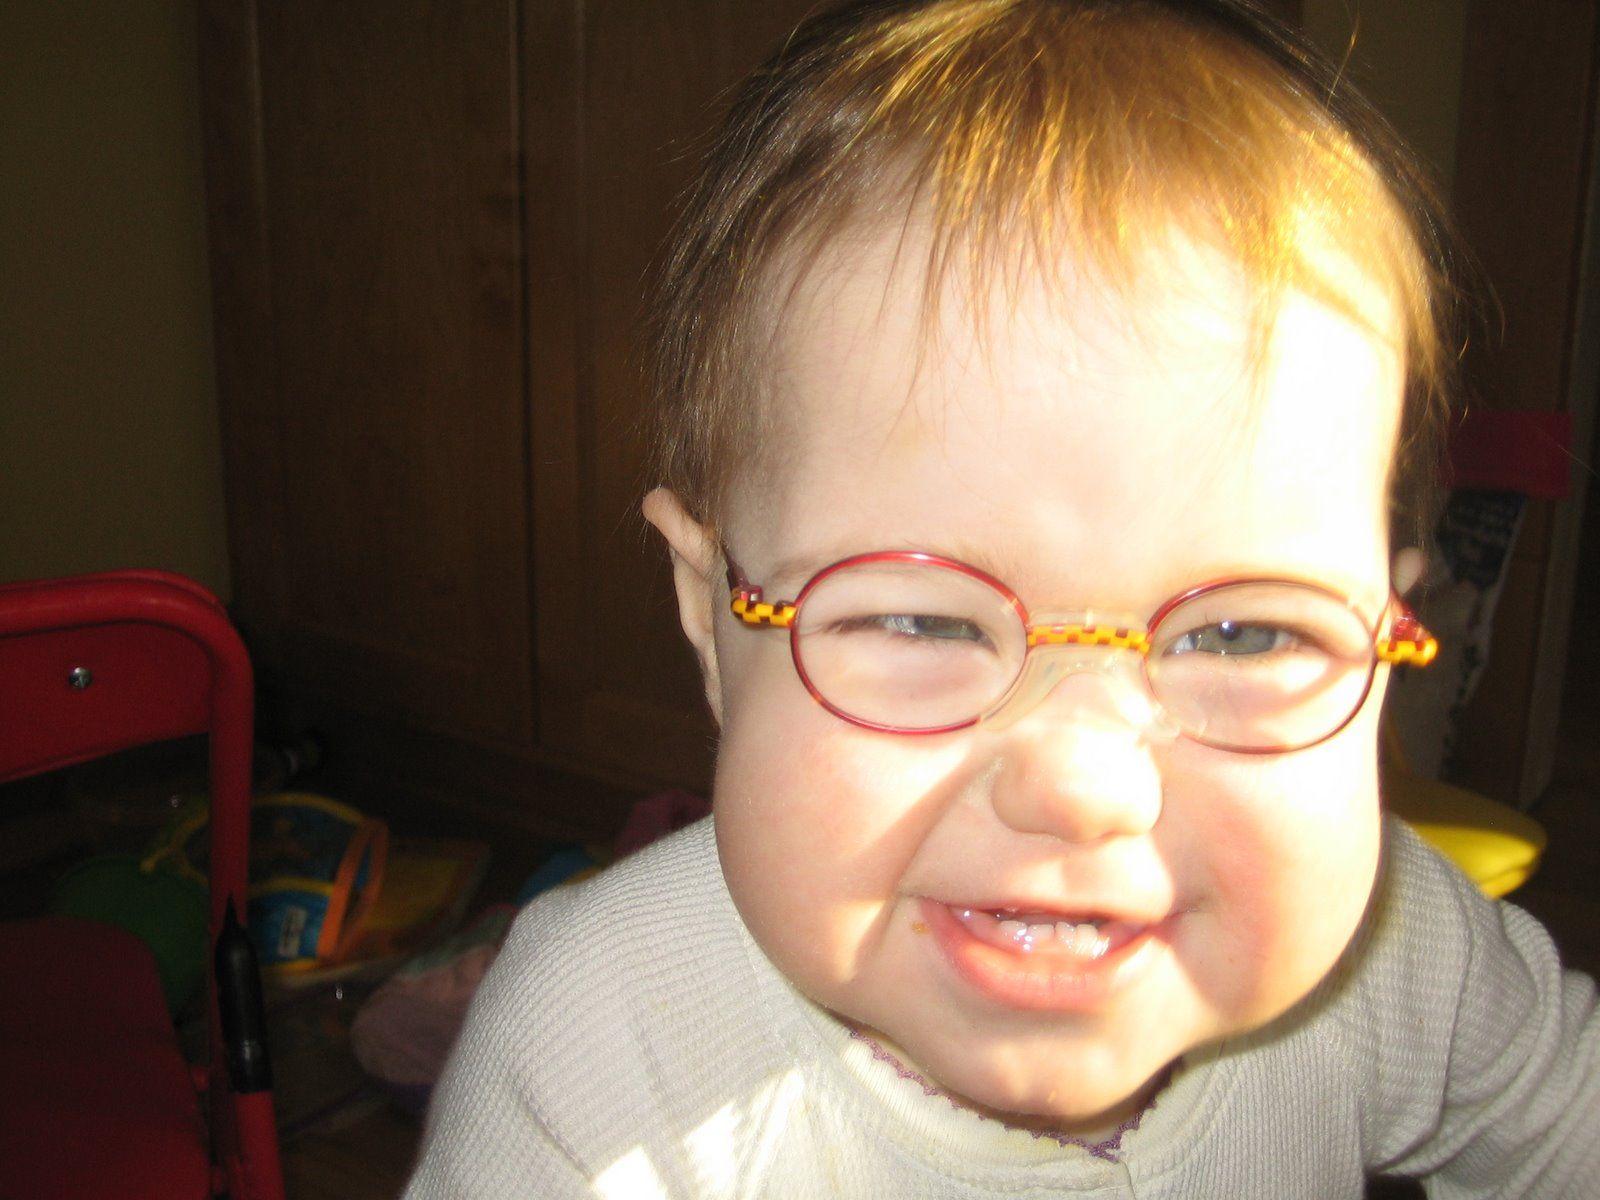 תרגילי עיניים לשיפור הראייה